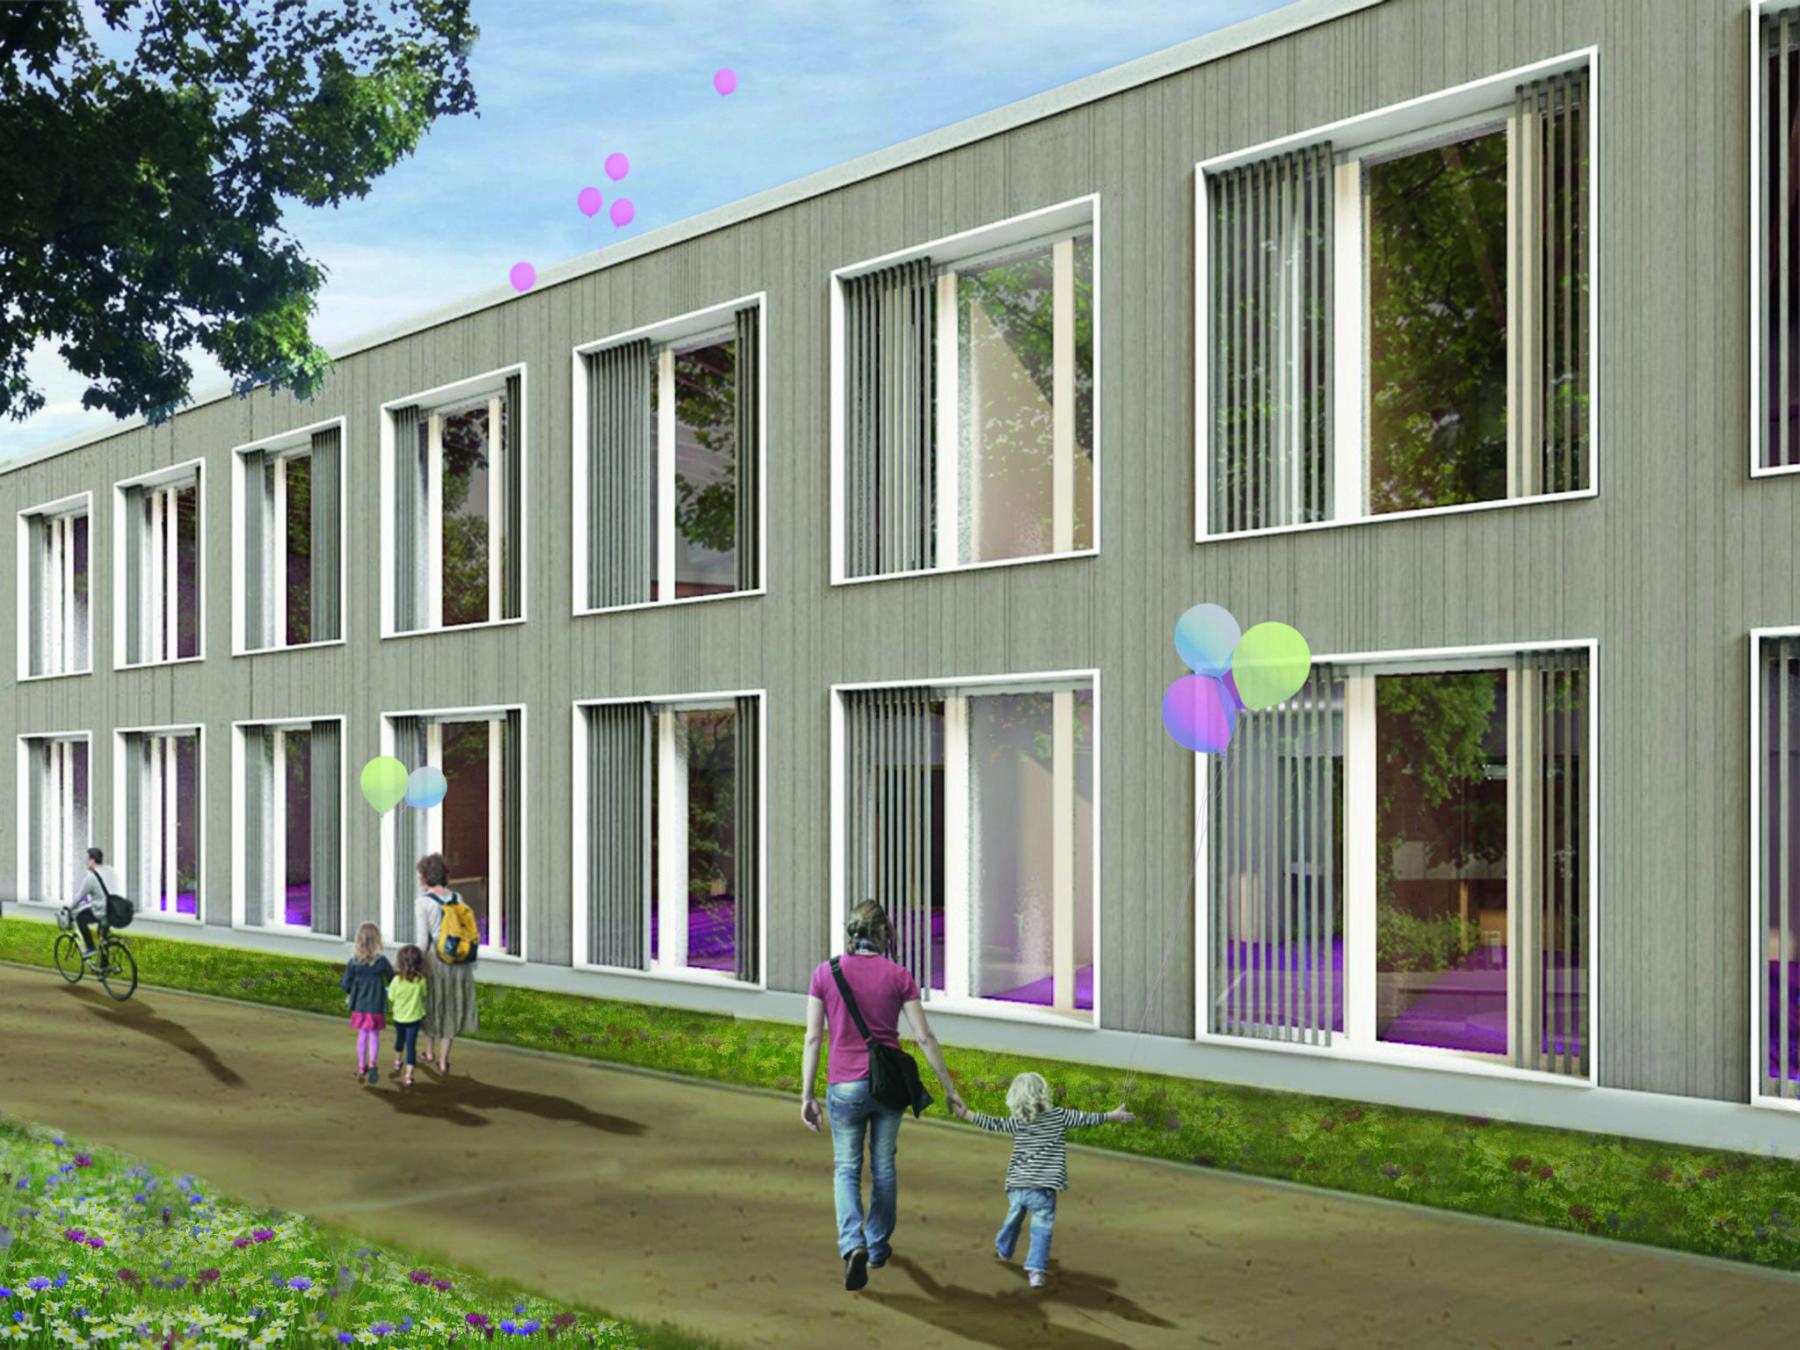 Mathilde-Anneke-Gesamtschule Münster / Bildquelle: farwick + grote Architekten BDA